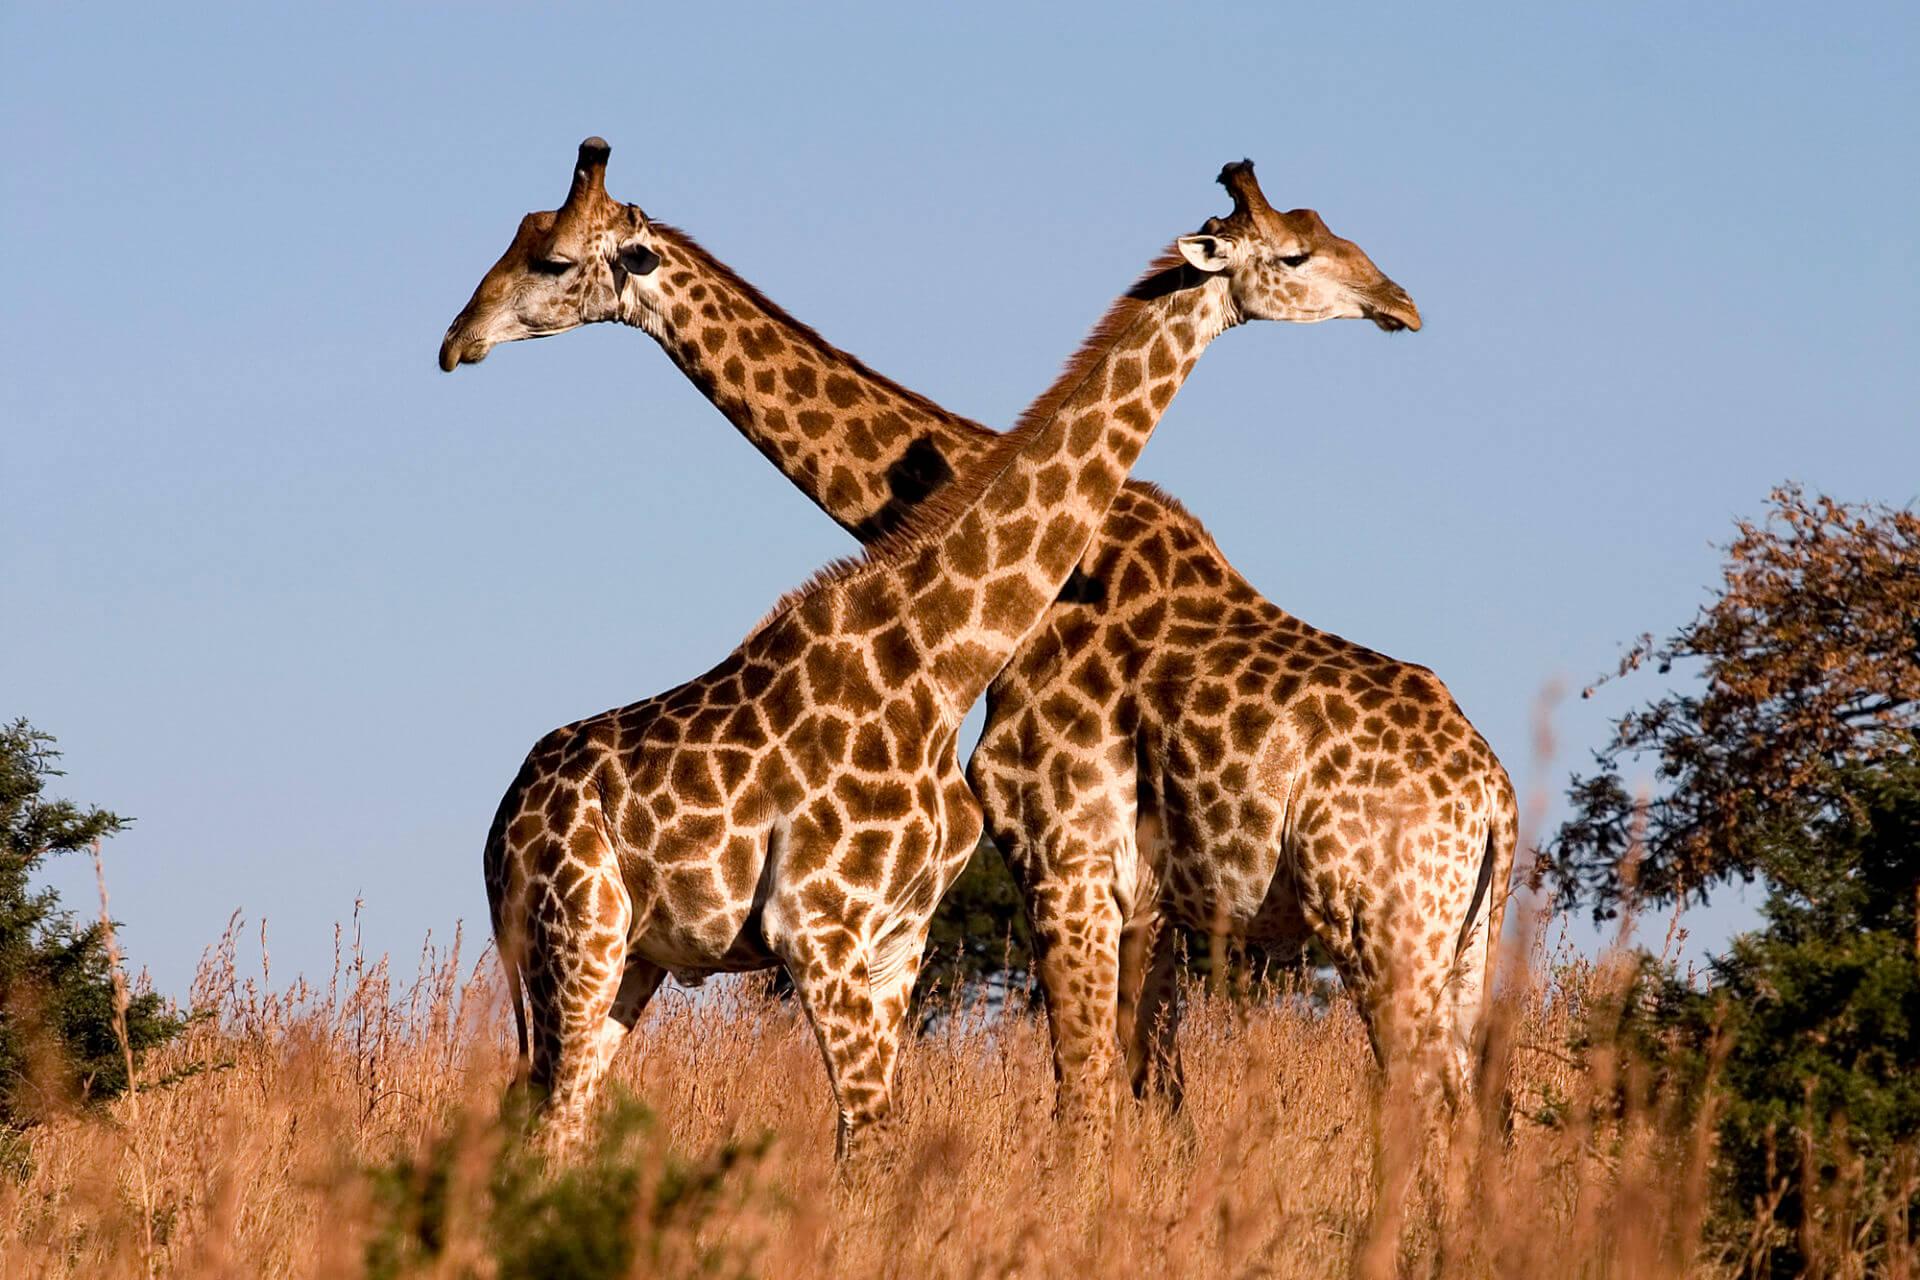 5e7713017e2cf Ak sa povie Afrika, ako prvé sa vám možno vybaví safari. A ktoré safari je  najlepšie? Kde najľahšie uvidíte zvieratá? V tomto článku vám chcem  predstaviť ...